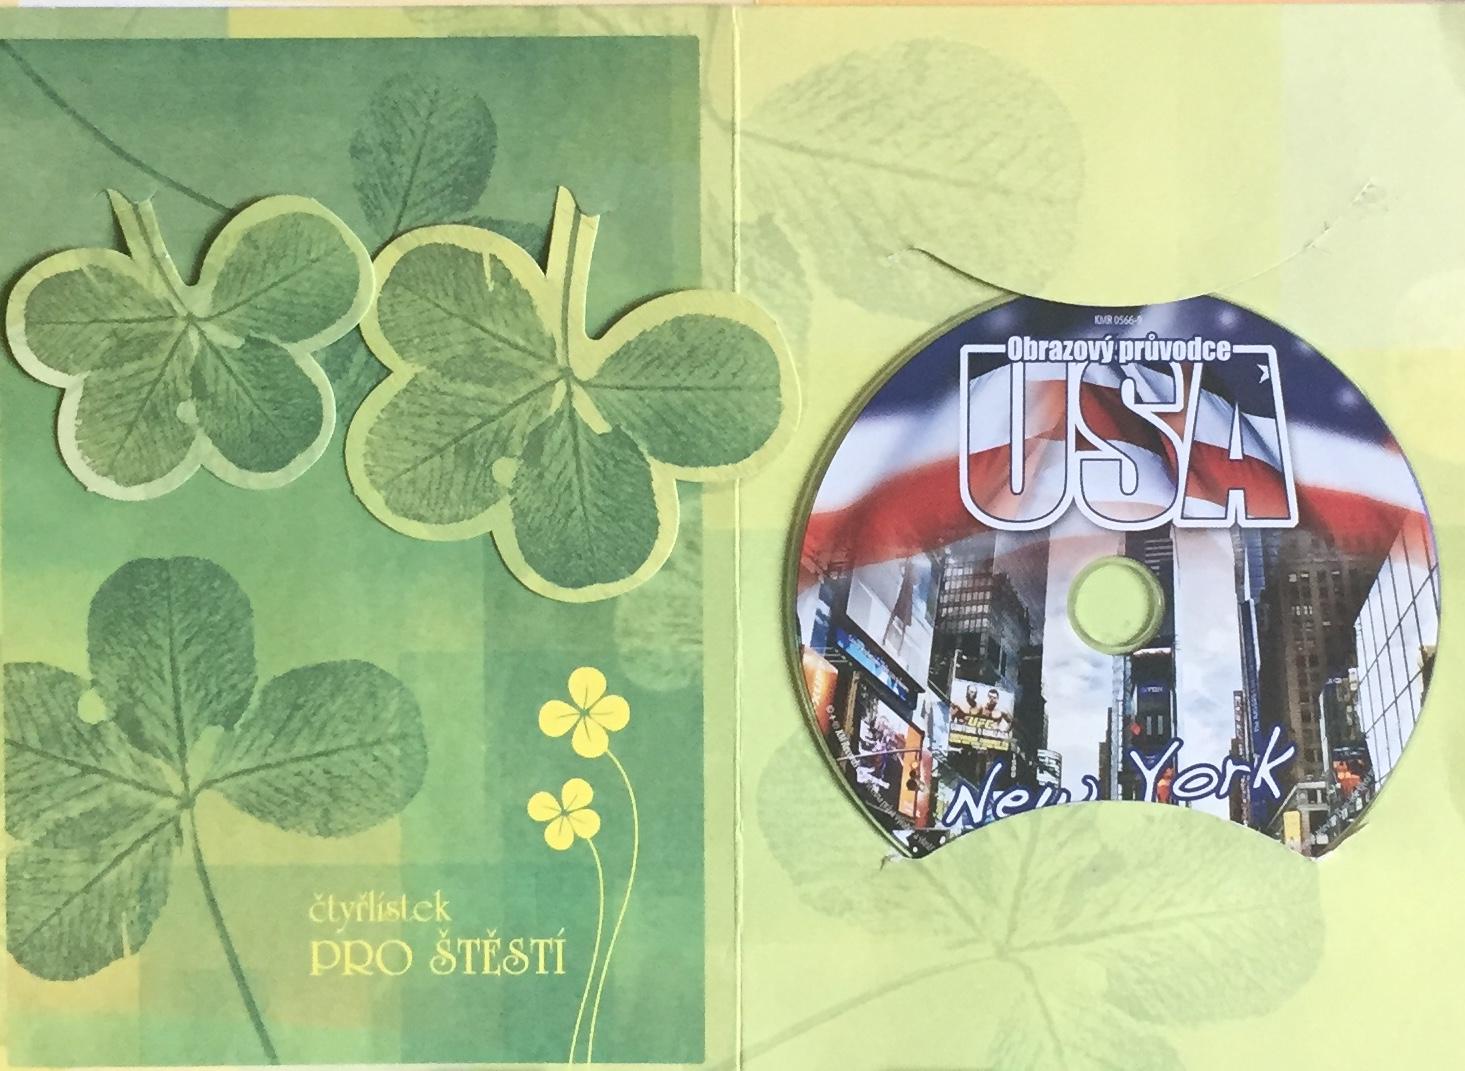 Obrazový průvodce - USA - New York - DVD /dárkový obal/